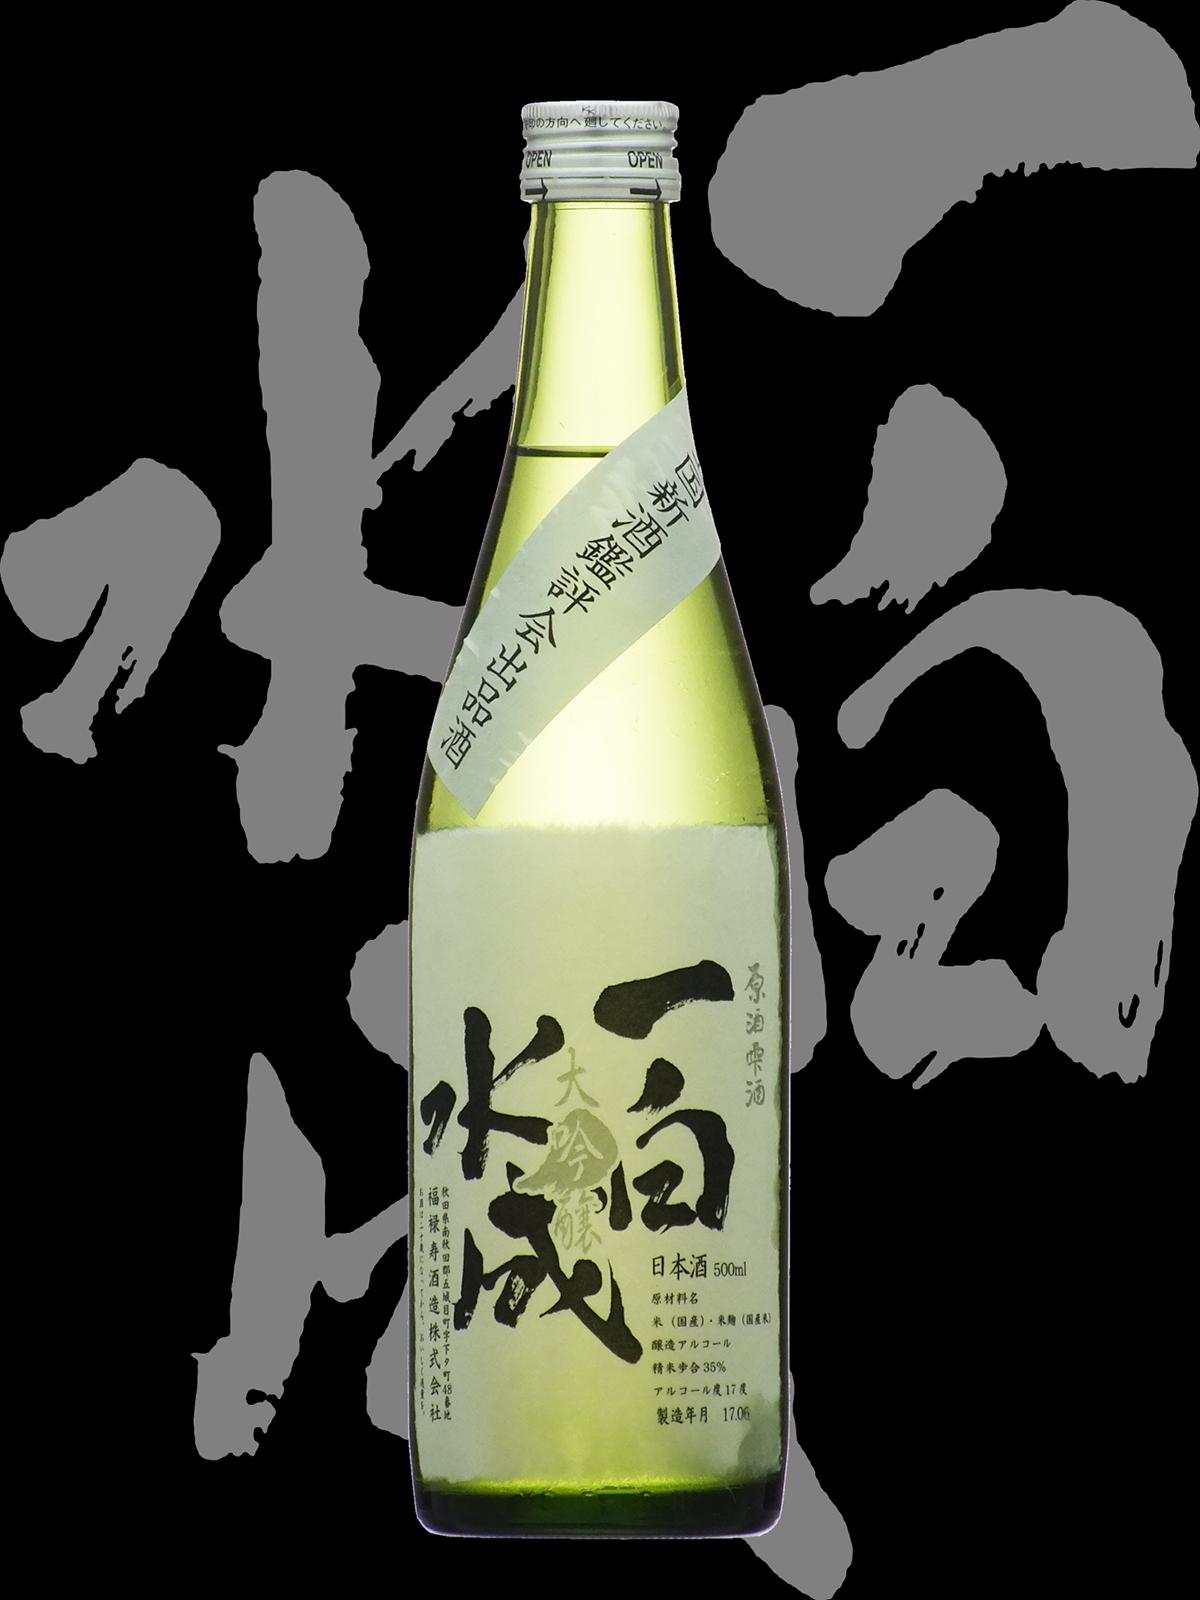 一白水成(いっぱくすいせい)「大吟醸」全国新酒鑑評会出品酒本斗瓶